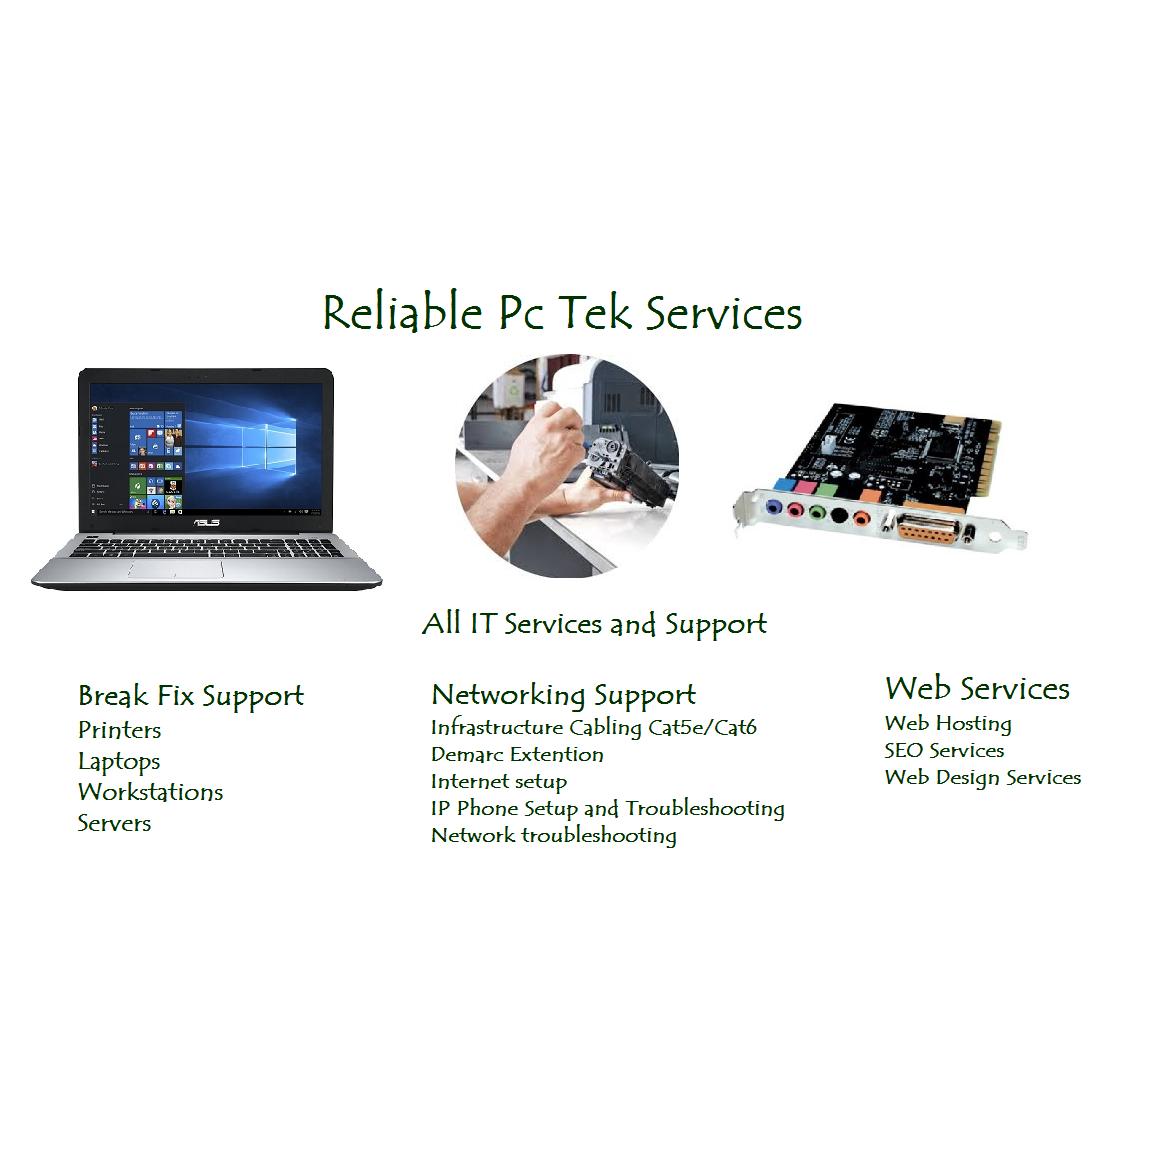 Reliable Pc Tek Services, LLC